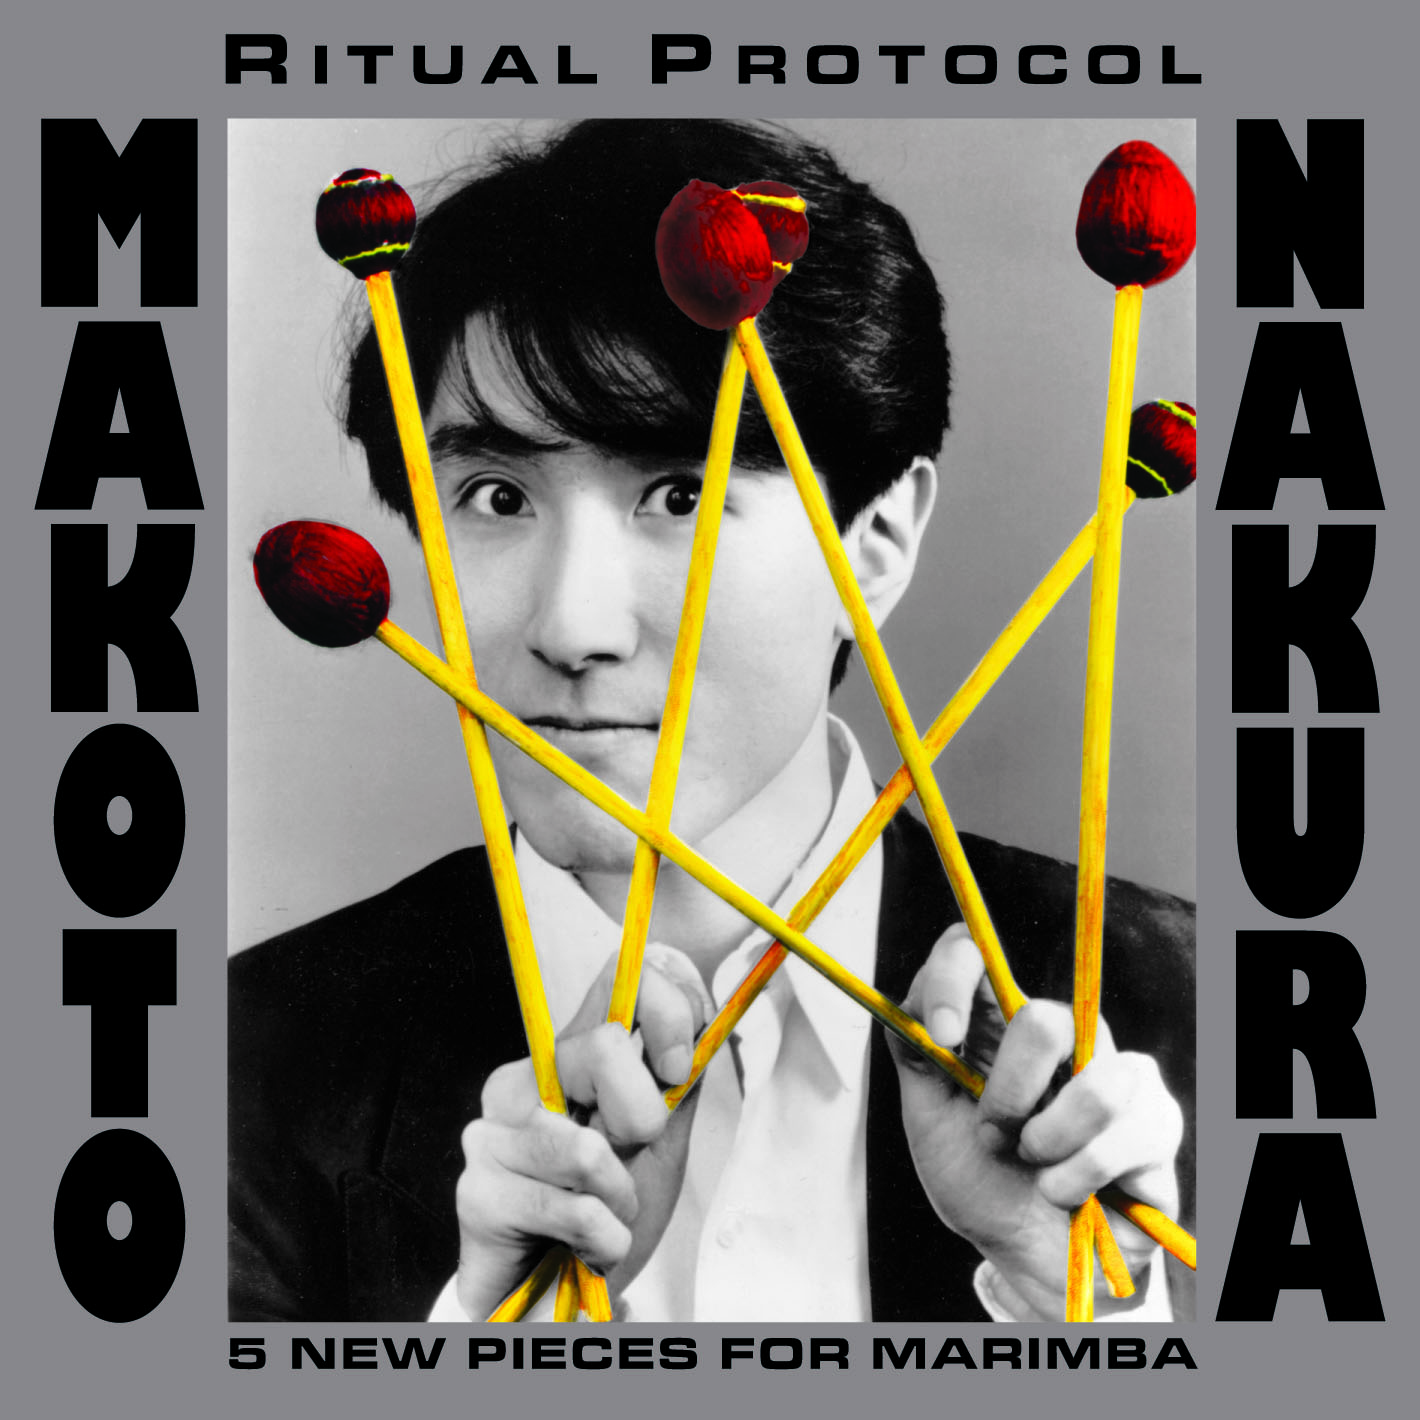 Makoto Nakura - Ritual Protocol